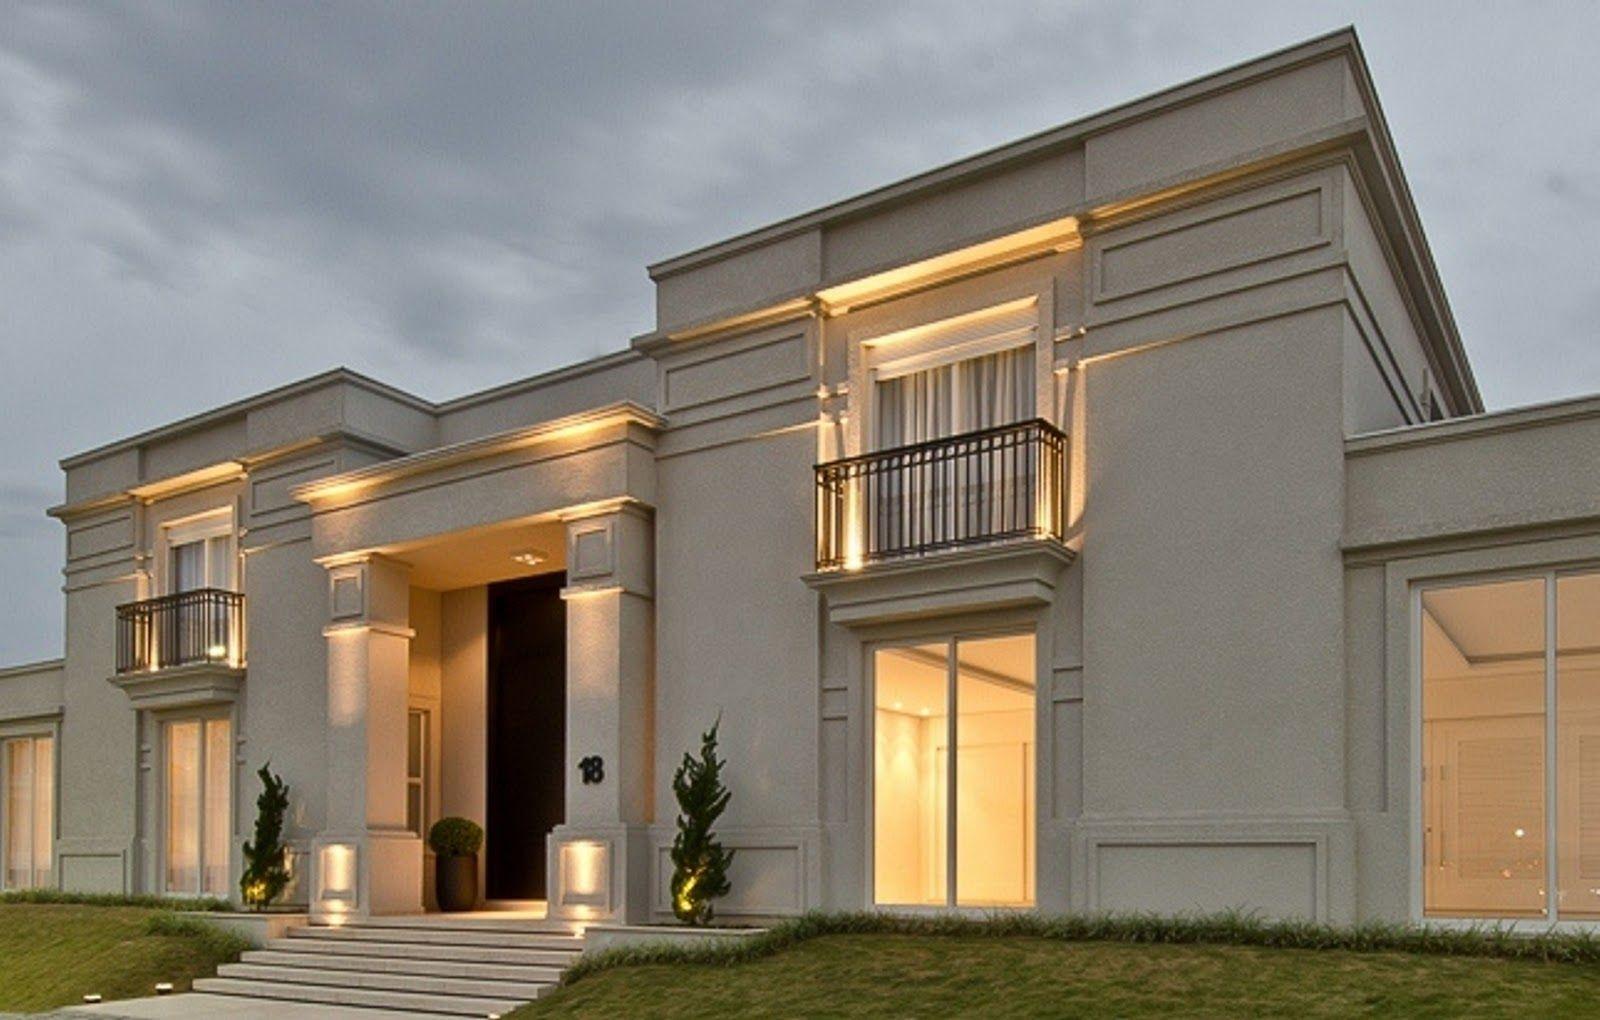 Fachadas de casas com estilo neocl ssico decor salteado for Estilos de fachadas de casas